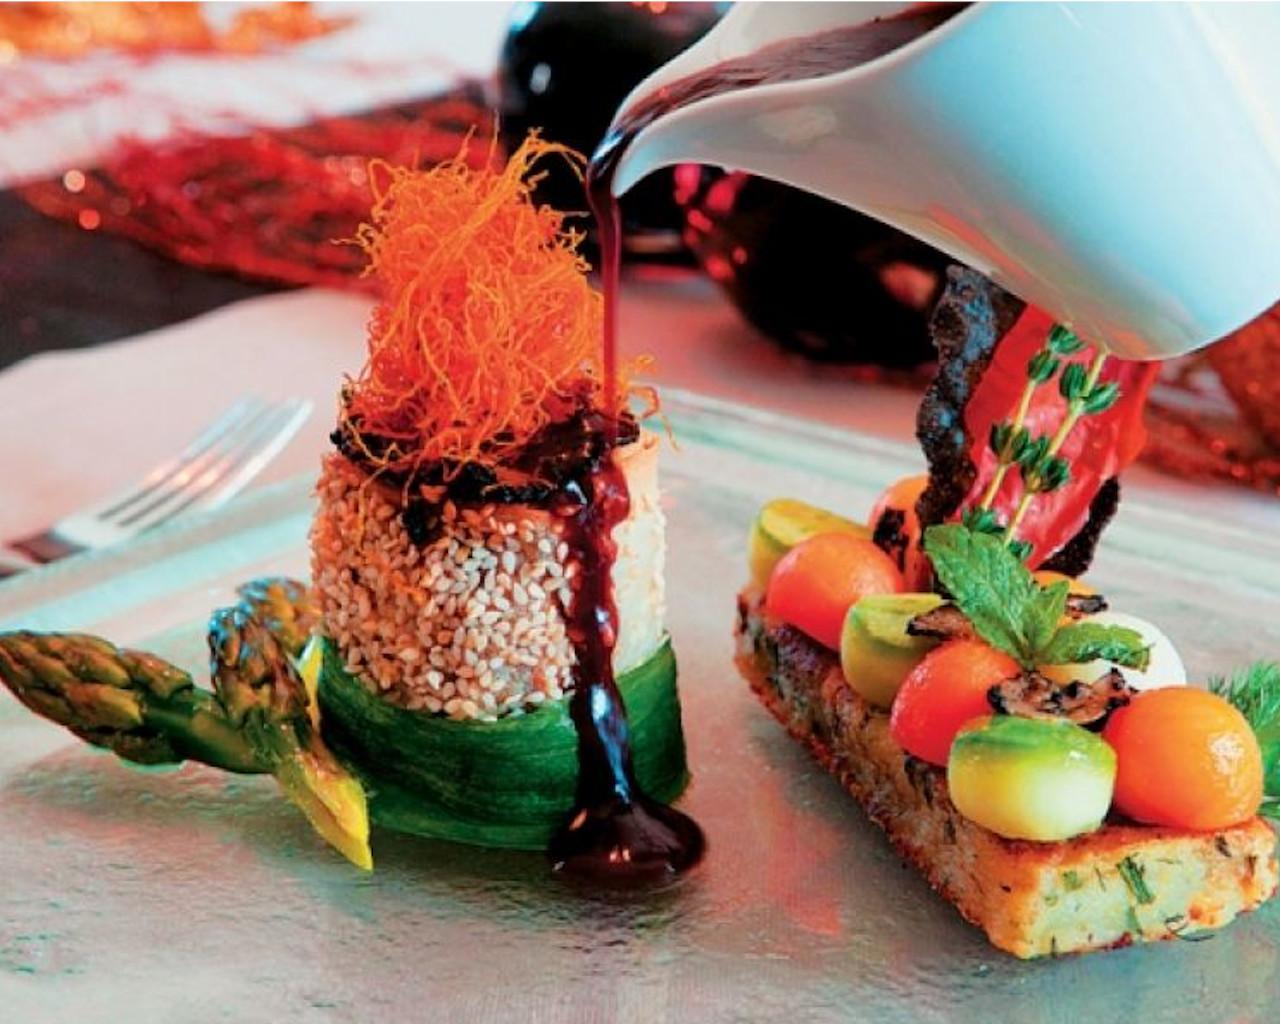 σεφ,εστιατορια,εστιατορια χαλανδρι,εστιατορια χανια,εστιατορια λευκαδα,εστιατορια θεσσαλονικη,εστιατορια κηφισια,πιατα σε εστιατορια